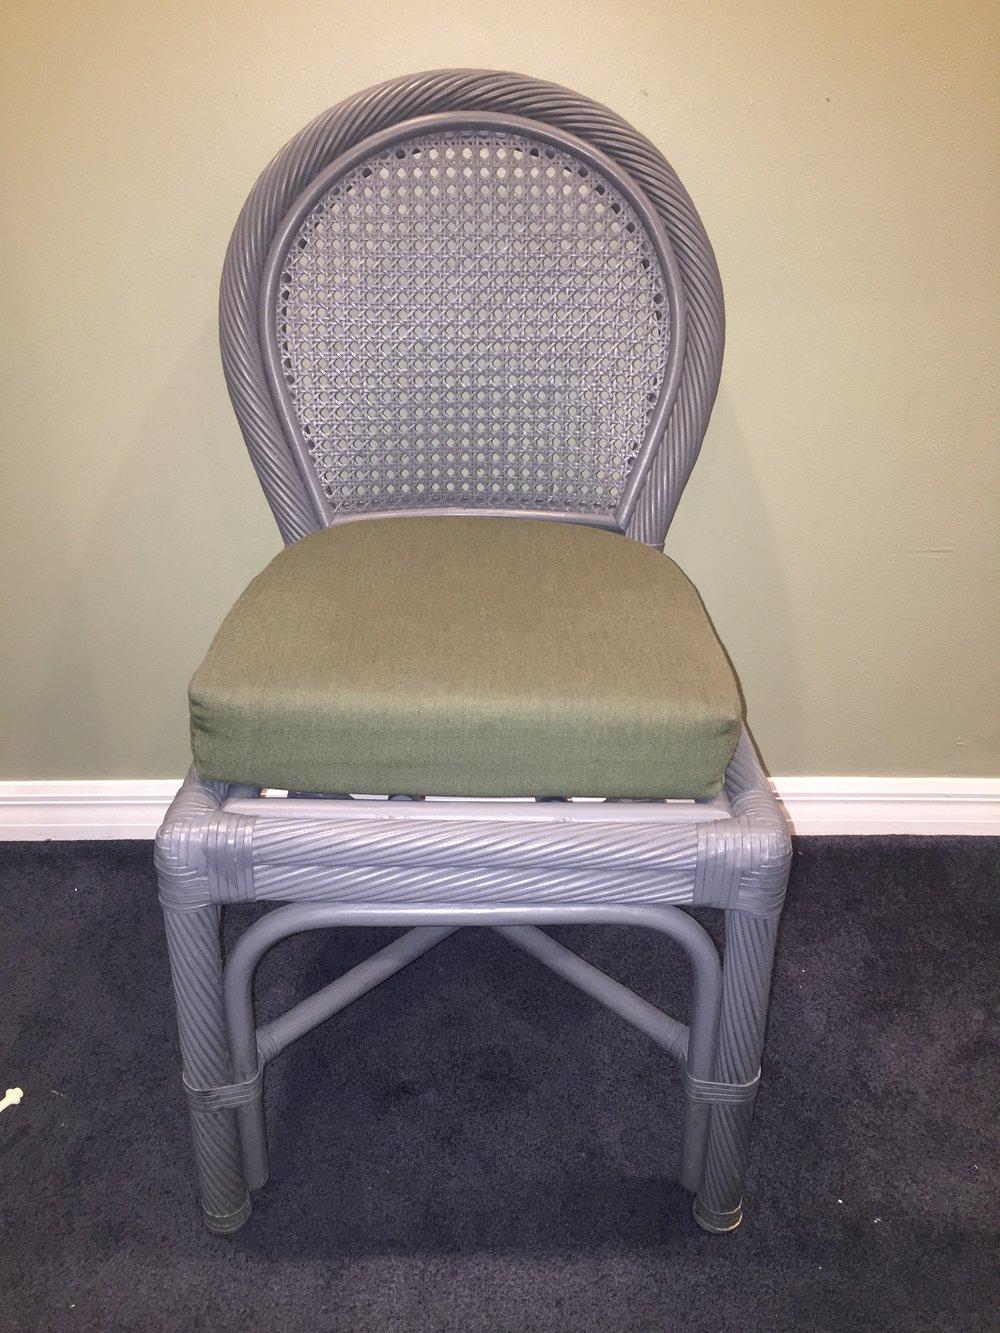 Wicker Side Chairs - $15 (each)